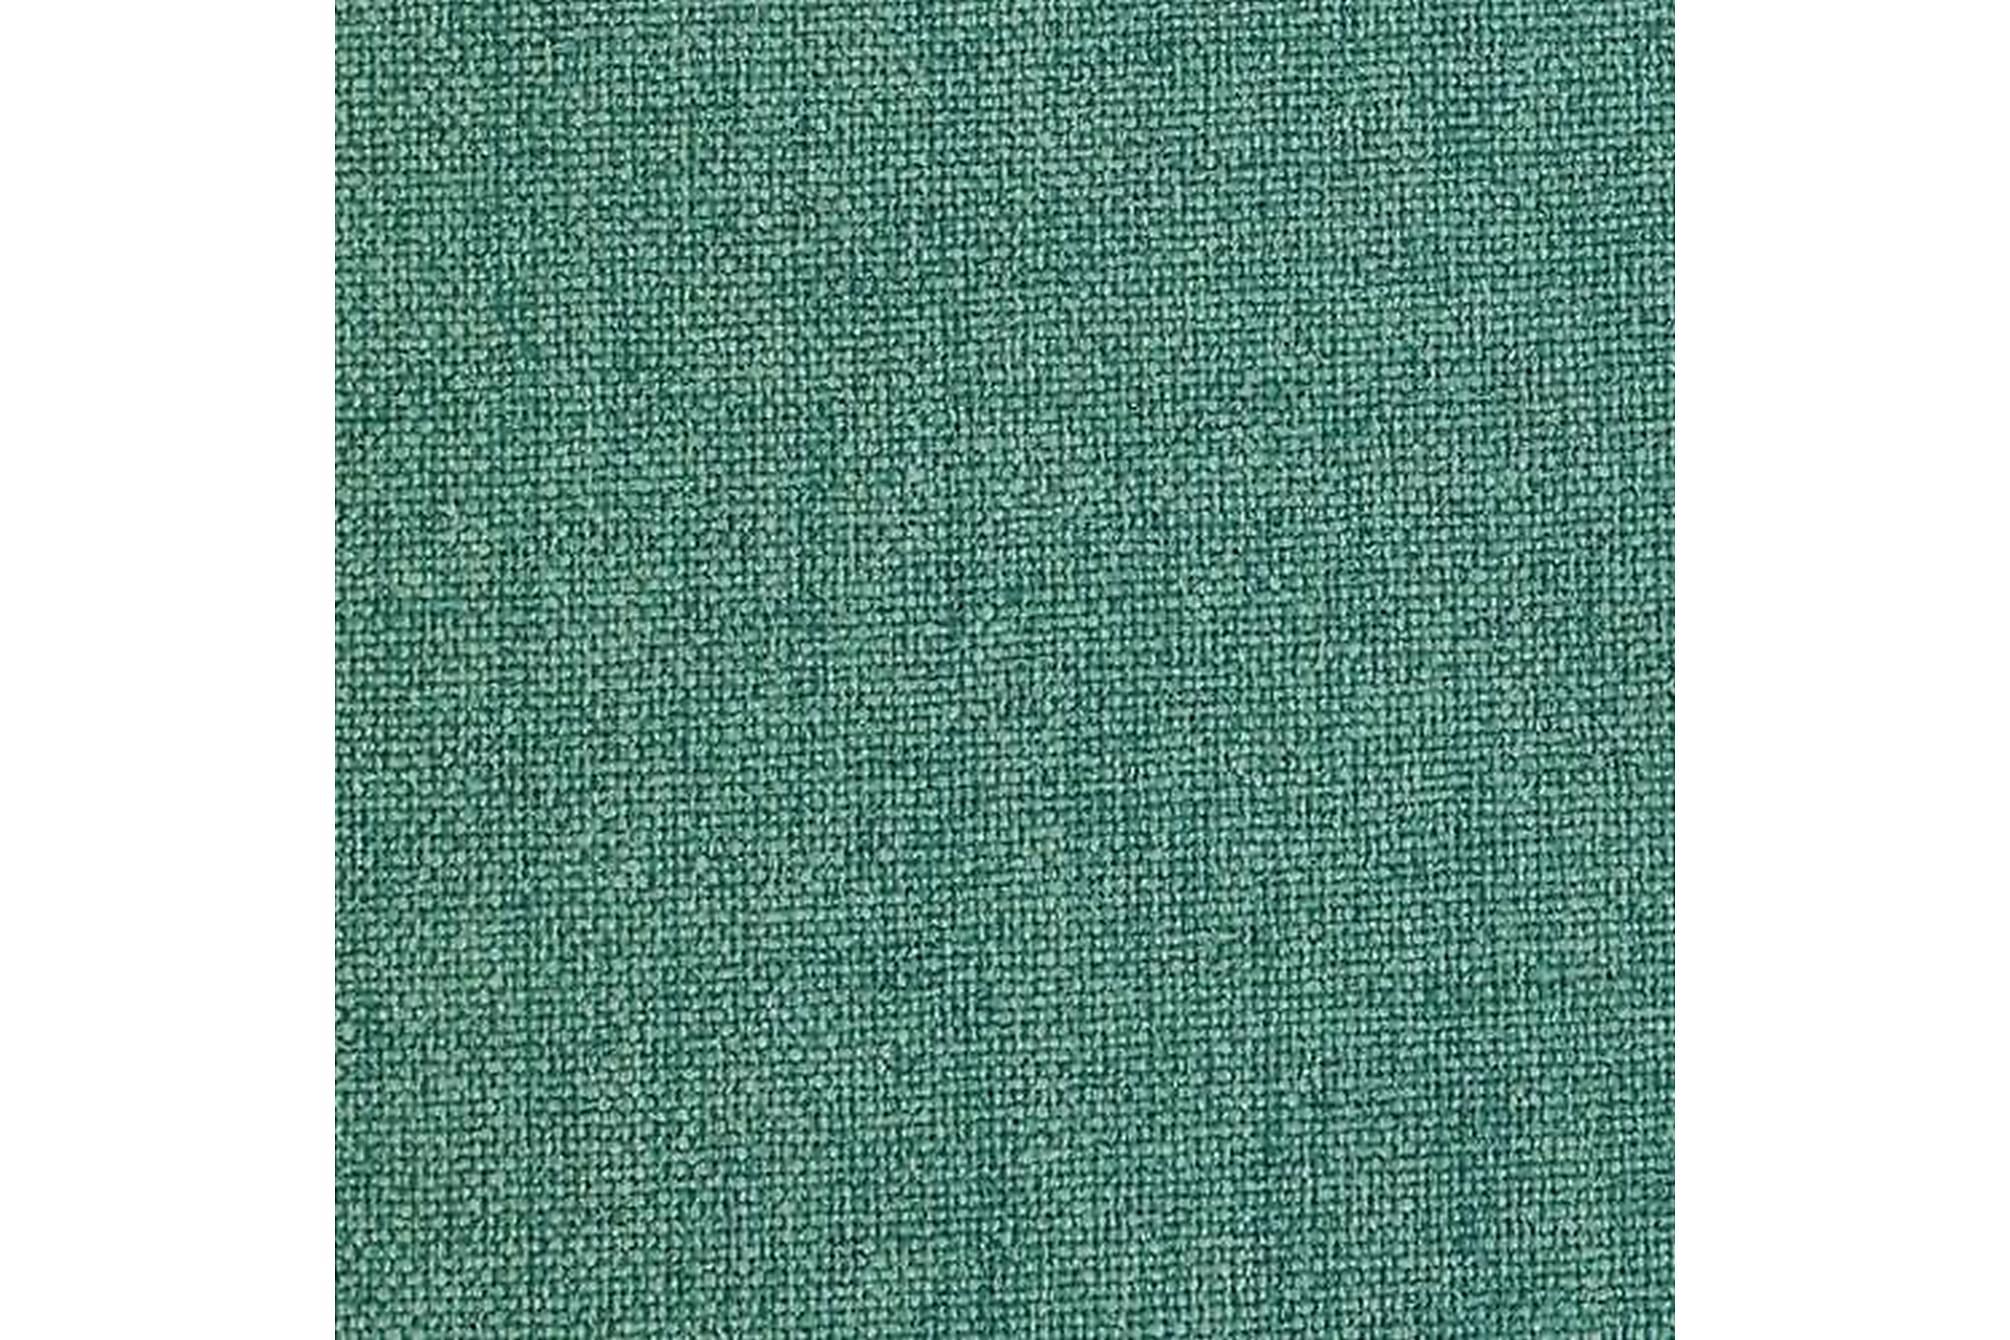 ASADUR Sängpaket 120x200 cm Grön, Sängar